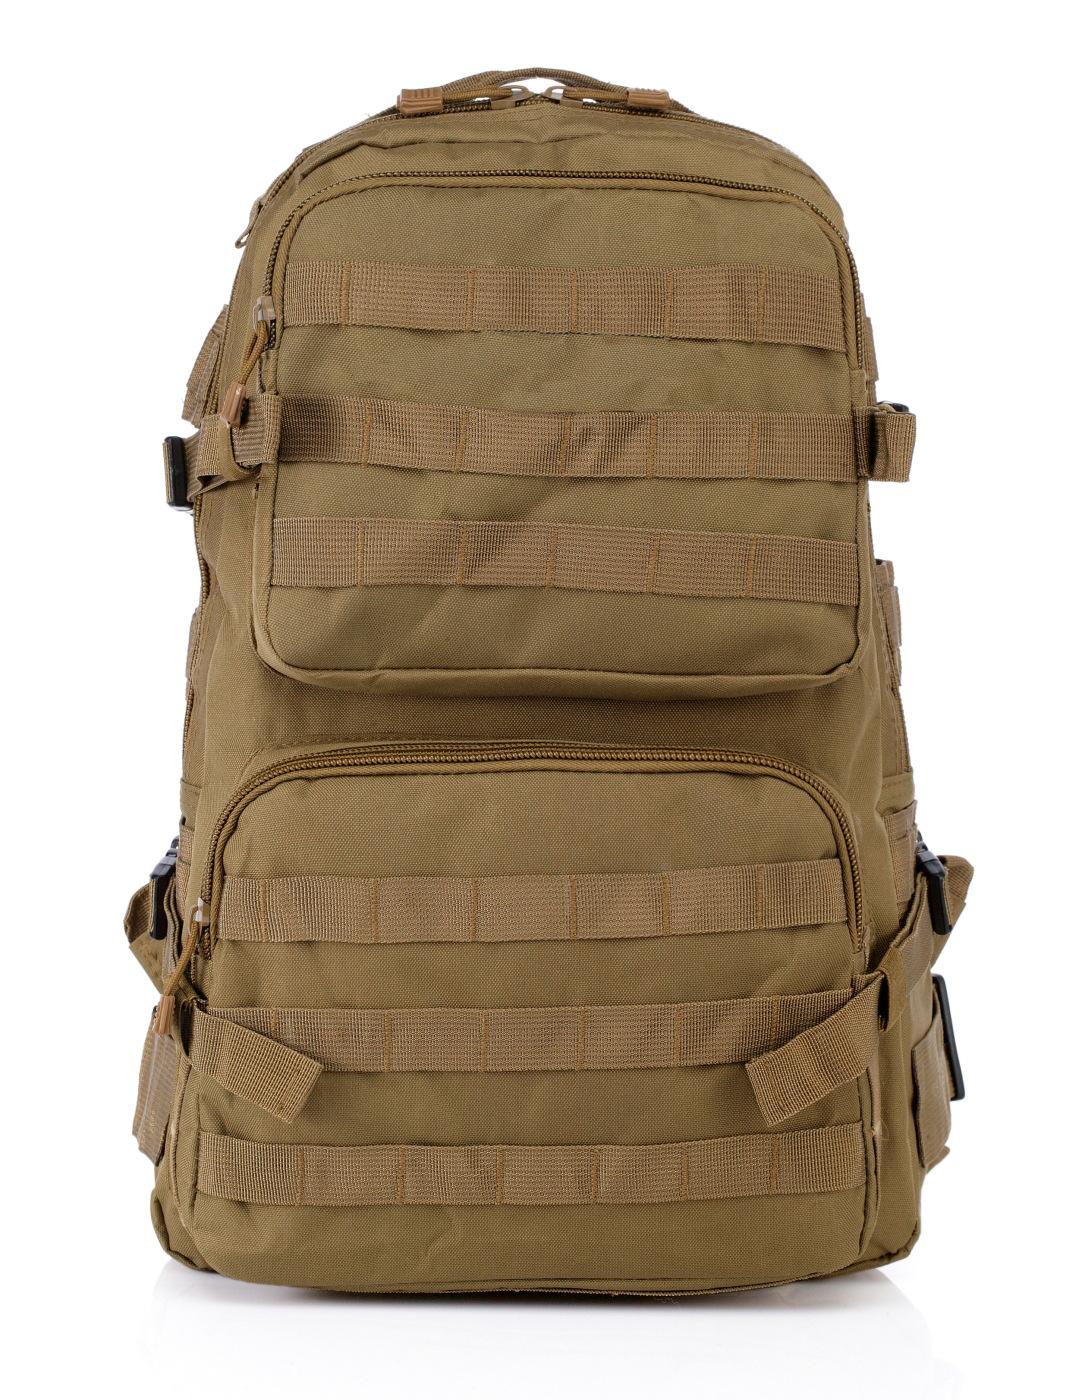 厂家直销战术背包装备运动户外中性迷彩包牛津布旅行登山包批发